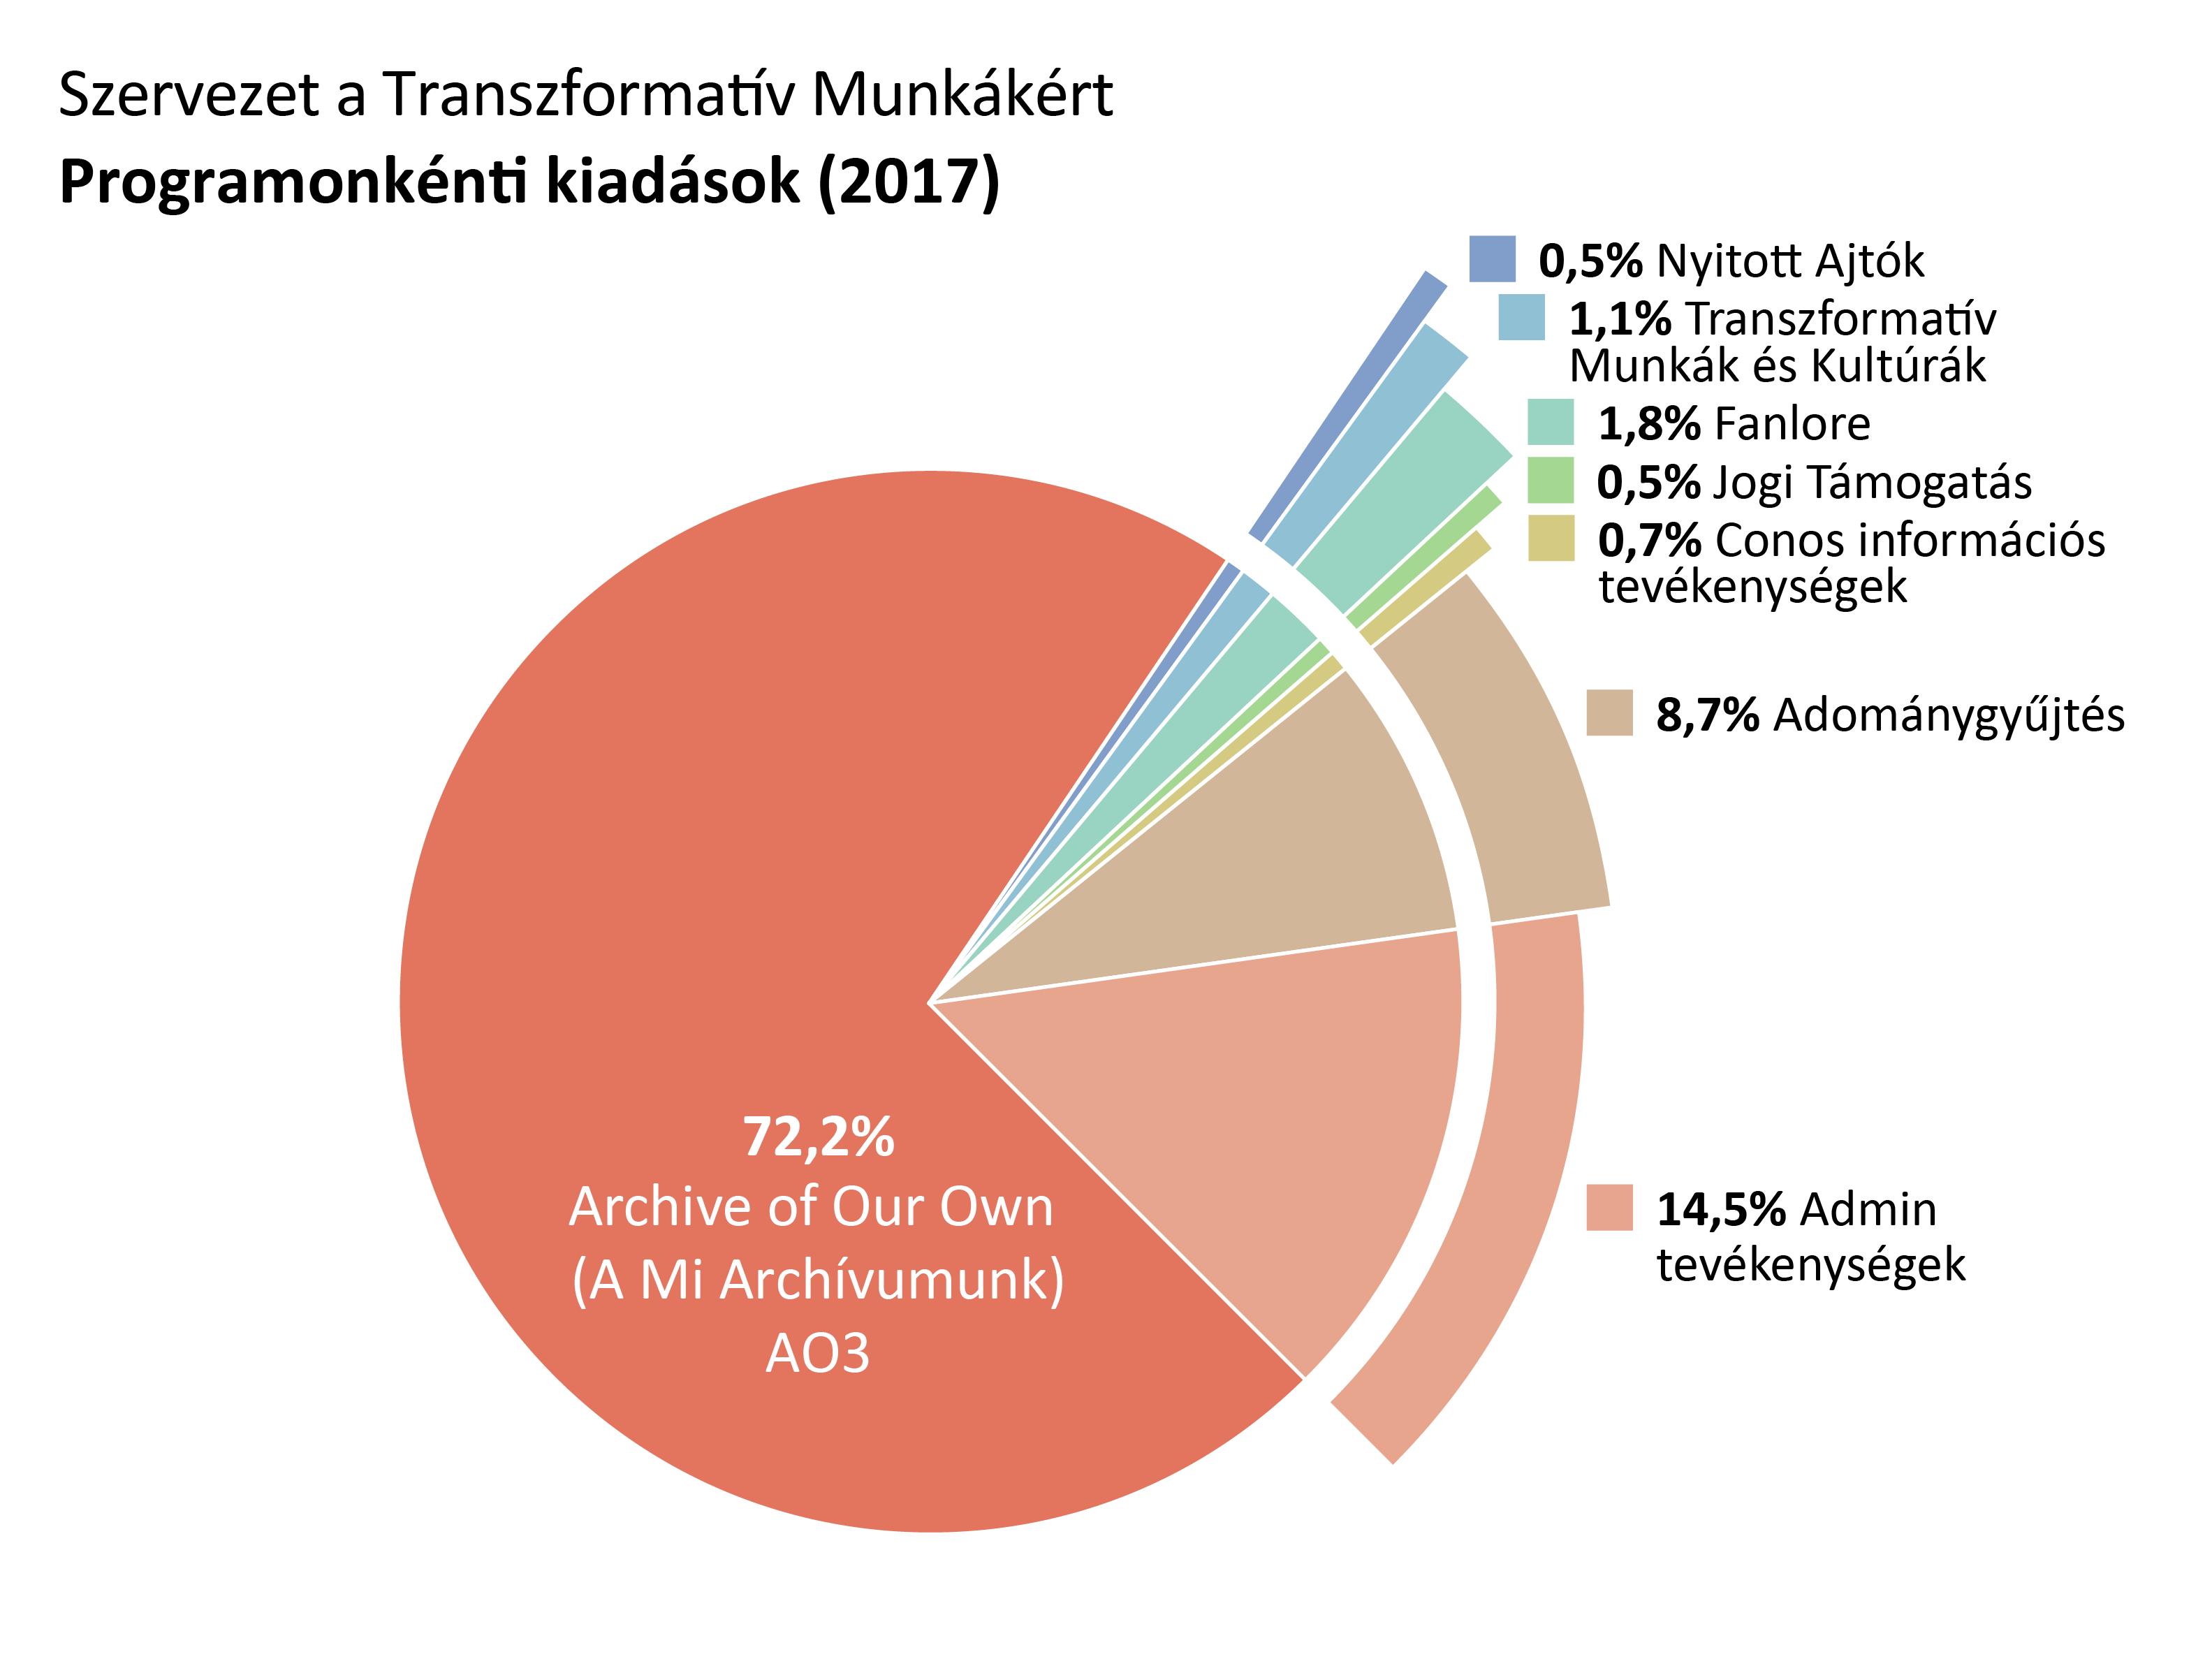 Programonkénti kiadások: A Mi Archívumunk: 72.2%. Nyitott Ajtók: 0.5%. Transzformatív Munkák és Kultúrák: 1.1%. Fanlore: 1.8%. Jogi Támogatás: 0.5%. Conos információs tevékenységek: 0.7%. Admin tevékenységek: 14.5%. Adománygyűjtés: 8.7%.